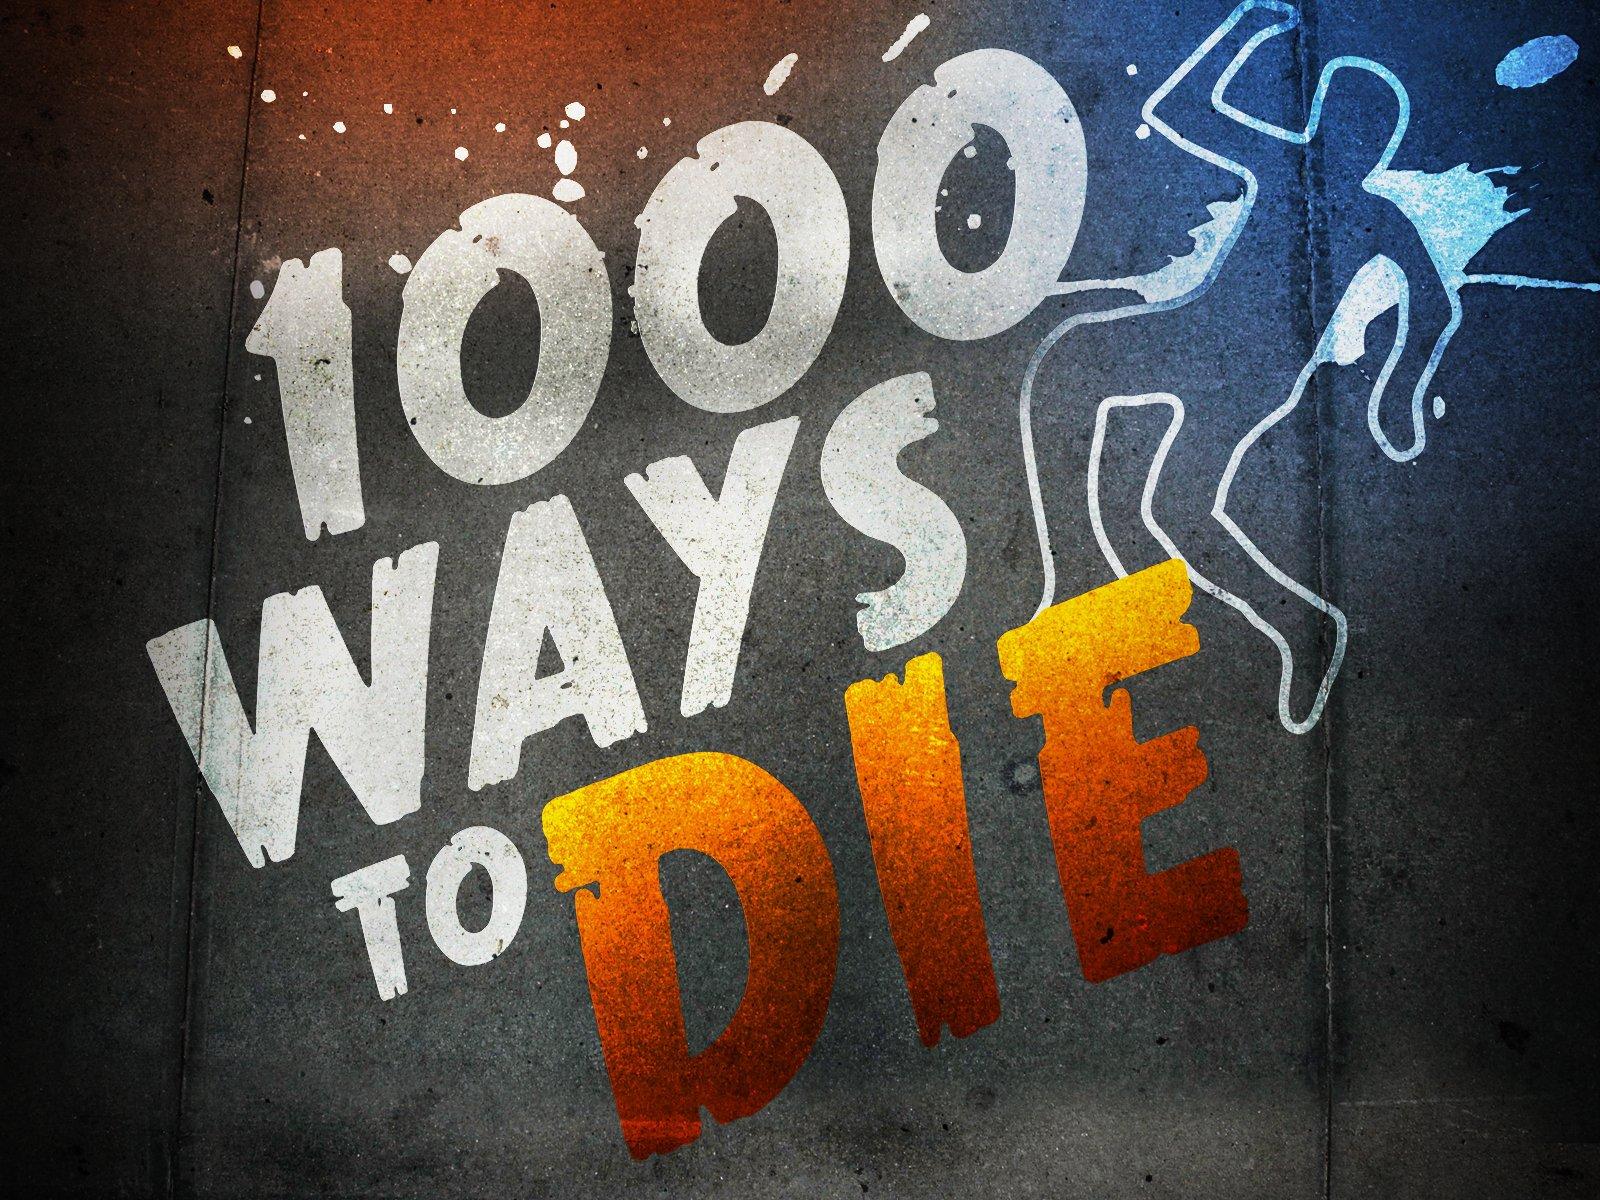 1000 Ways To Die Season 1